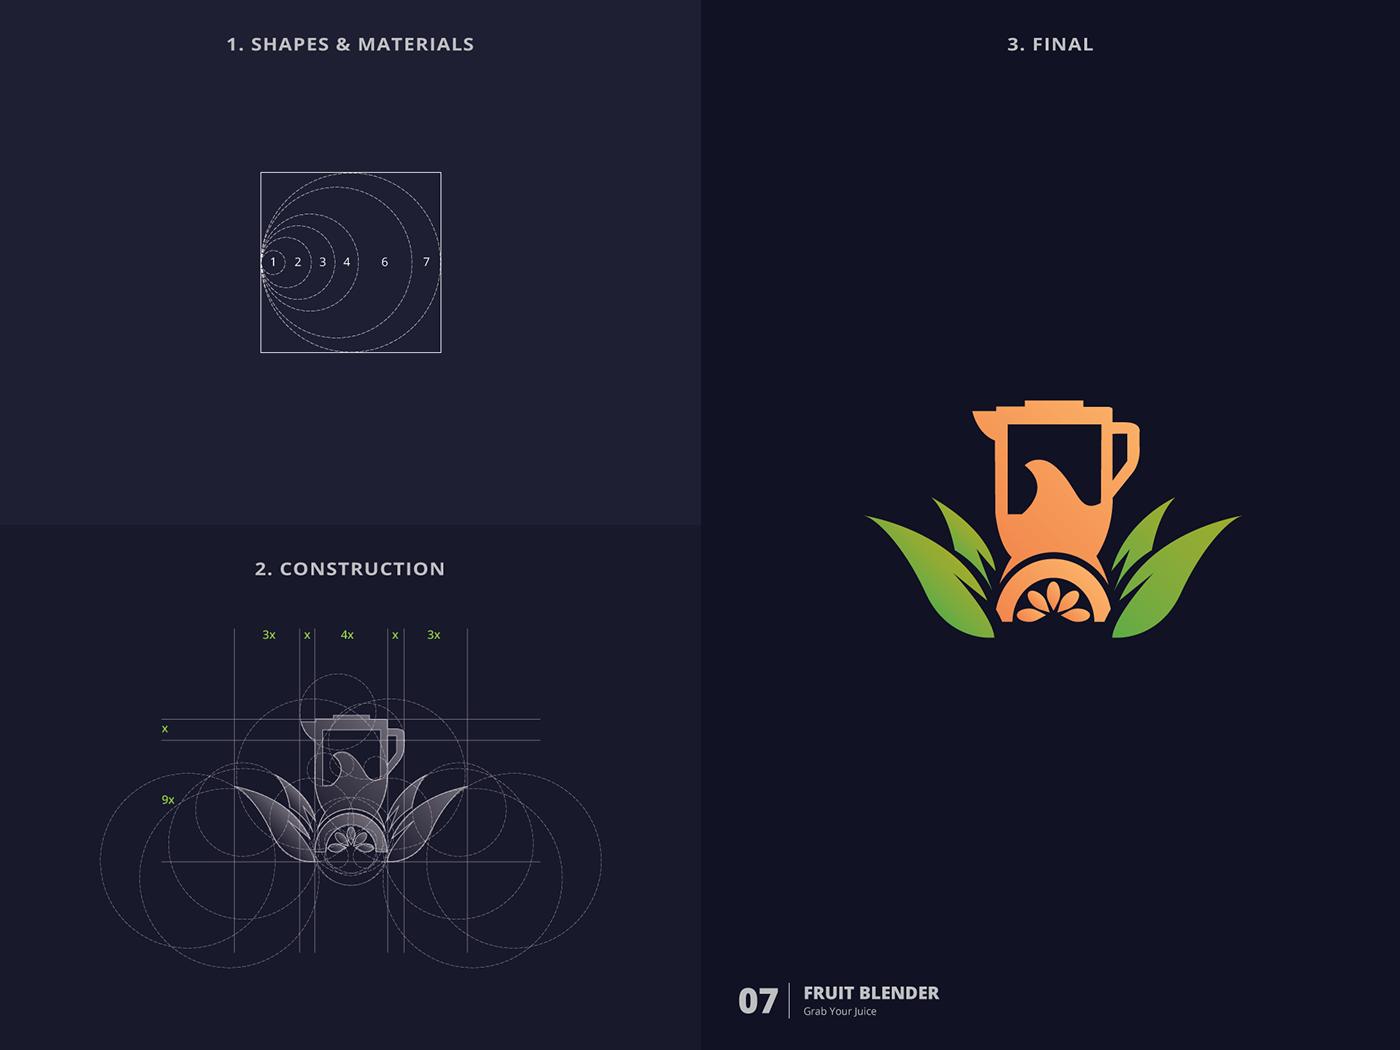 logo logofolio Logotype logo collection challenge logo challenge Golden Ratio logos Logos And Marks branding